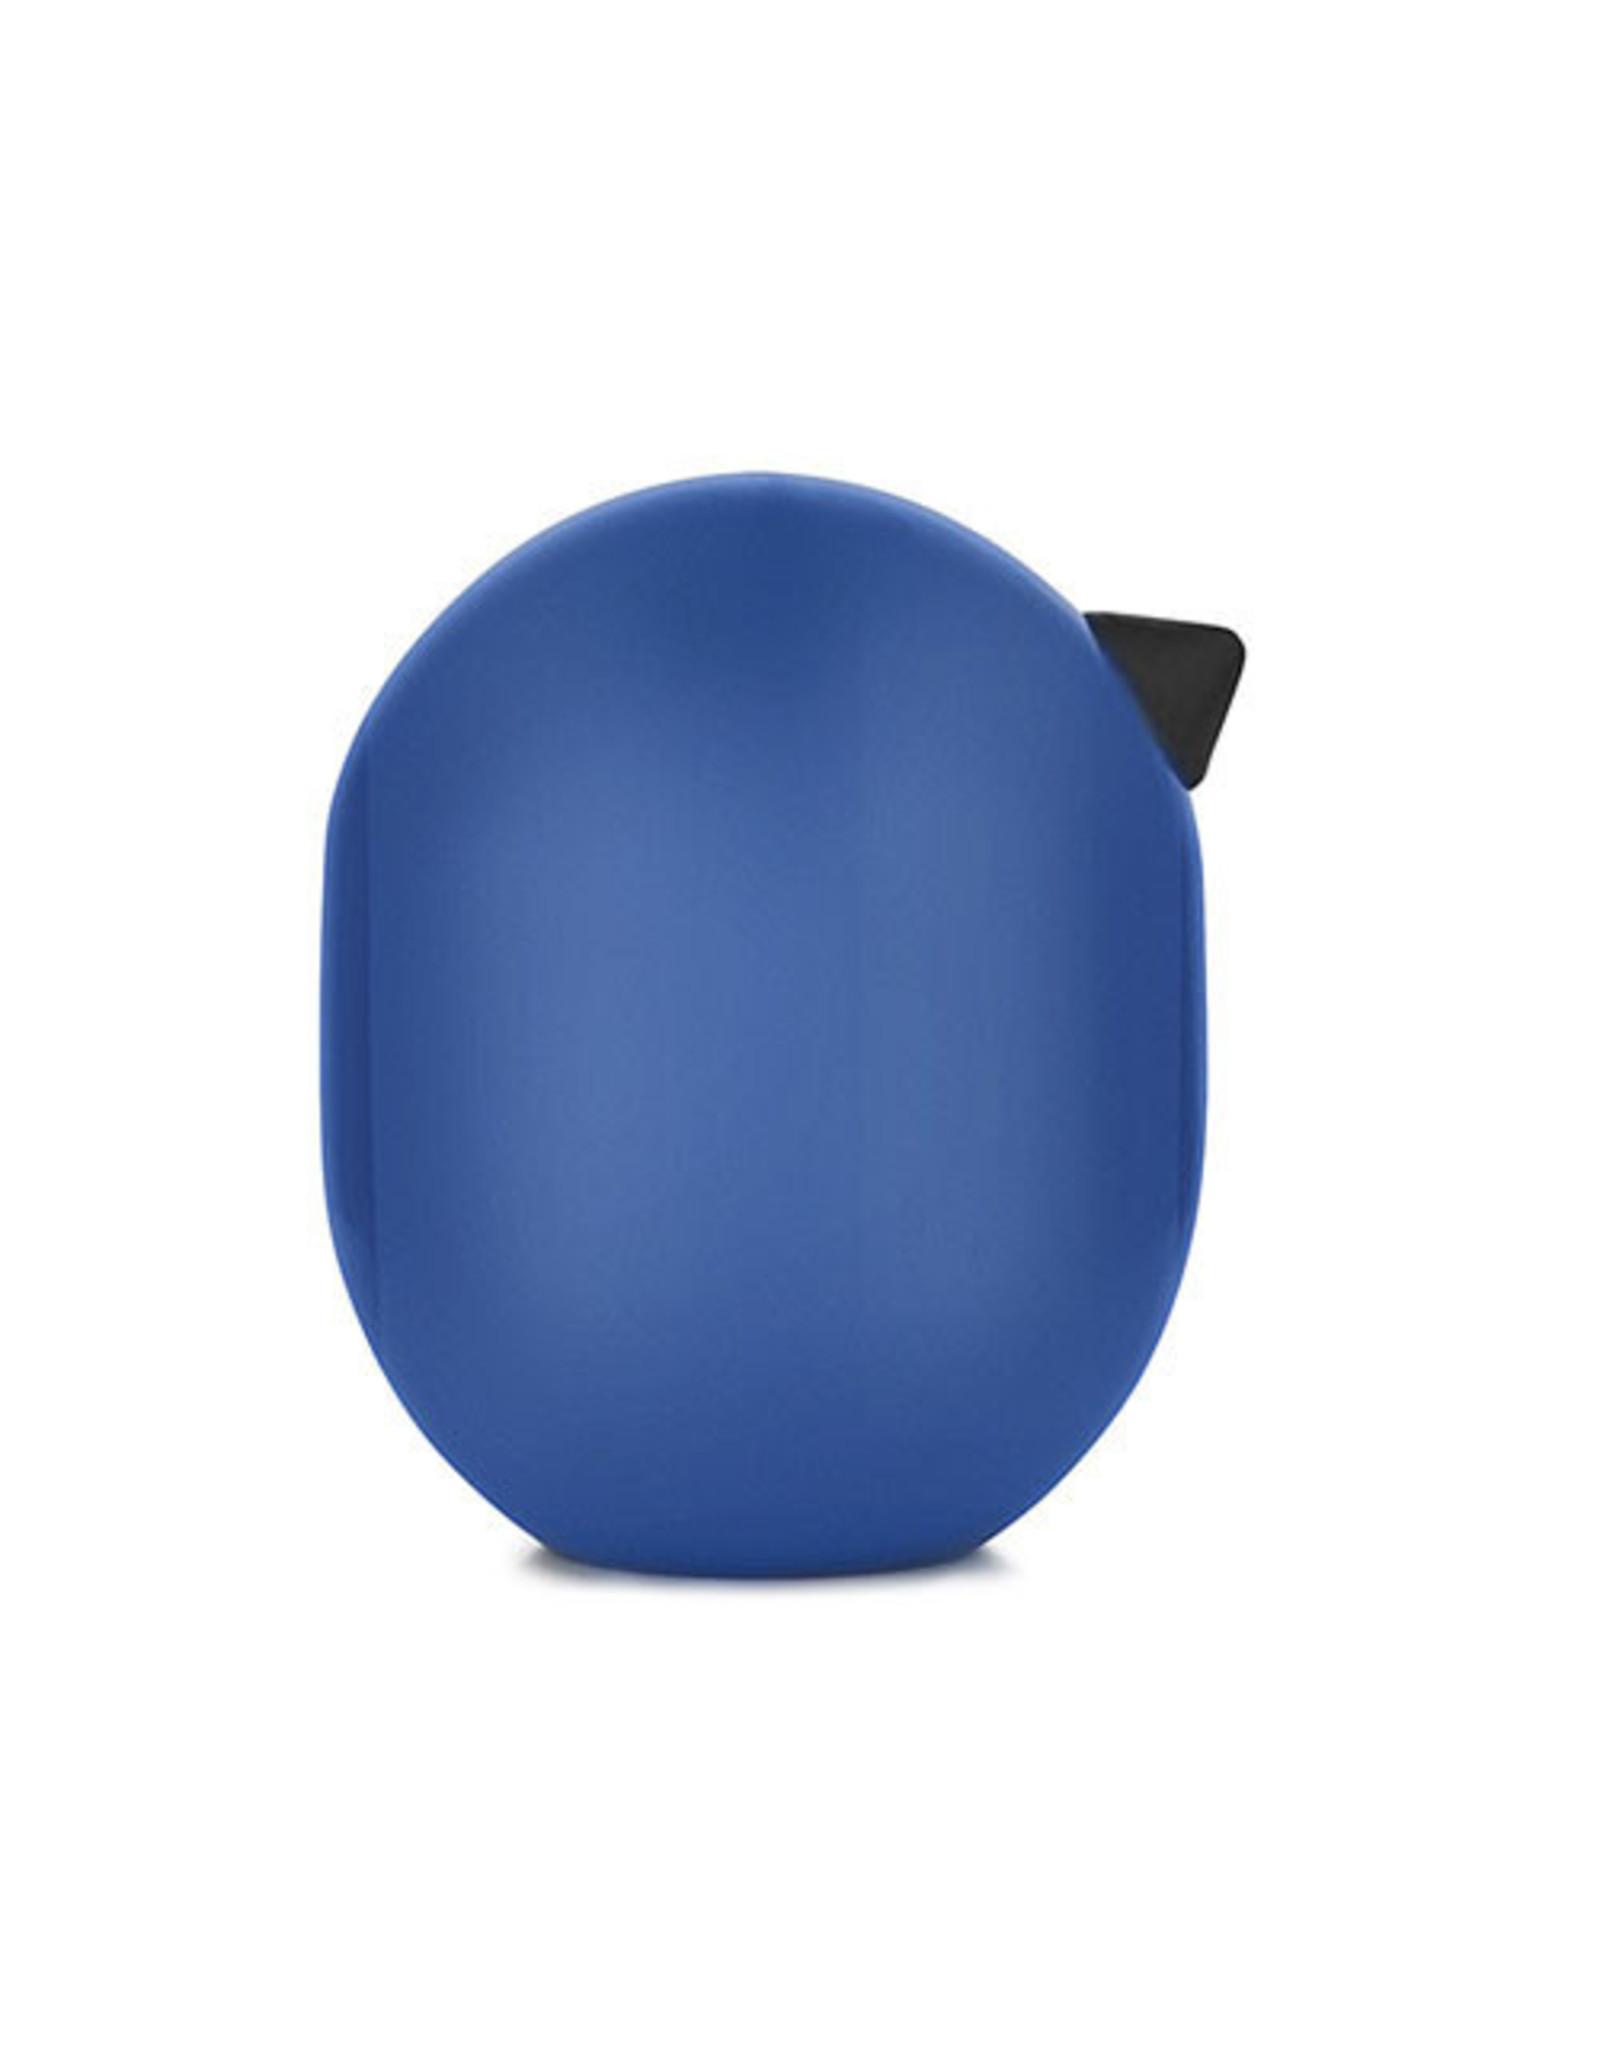 Normann Copenhagen LITTLE BIRD 4,5CM INK BLUE